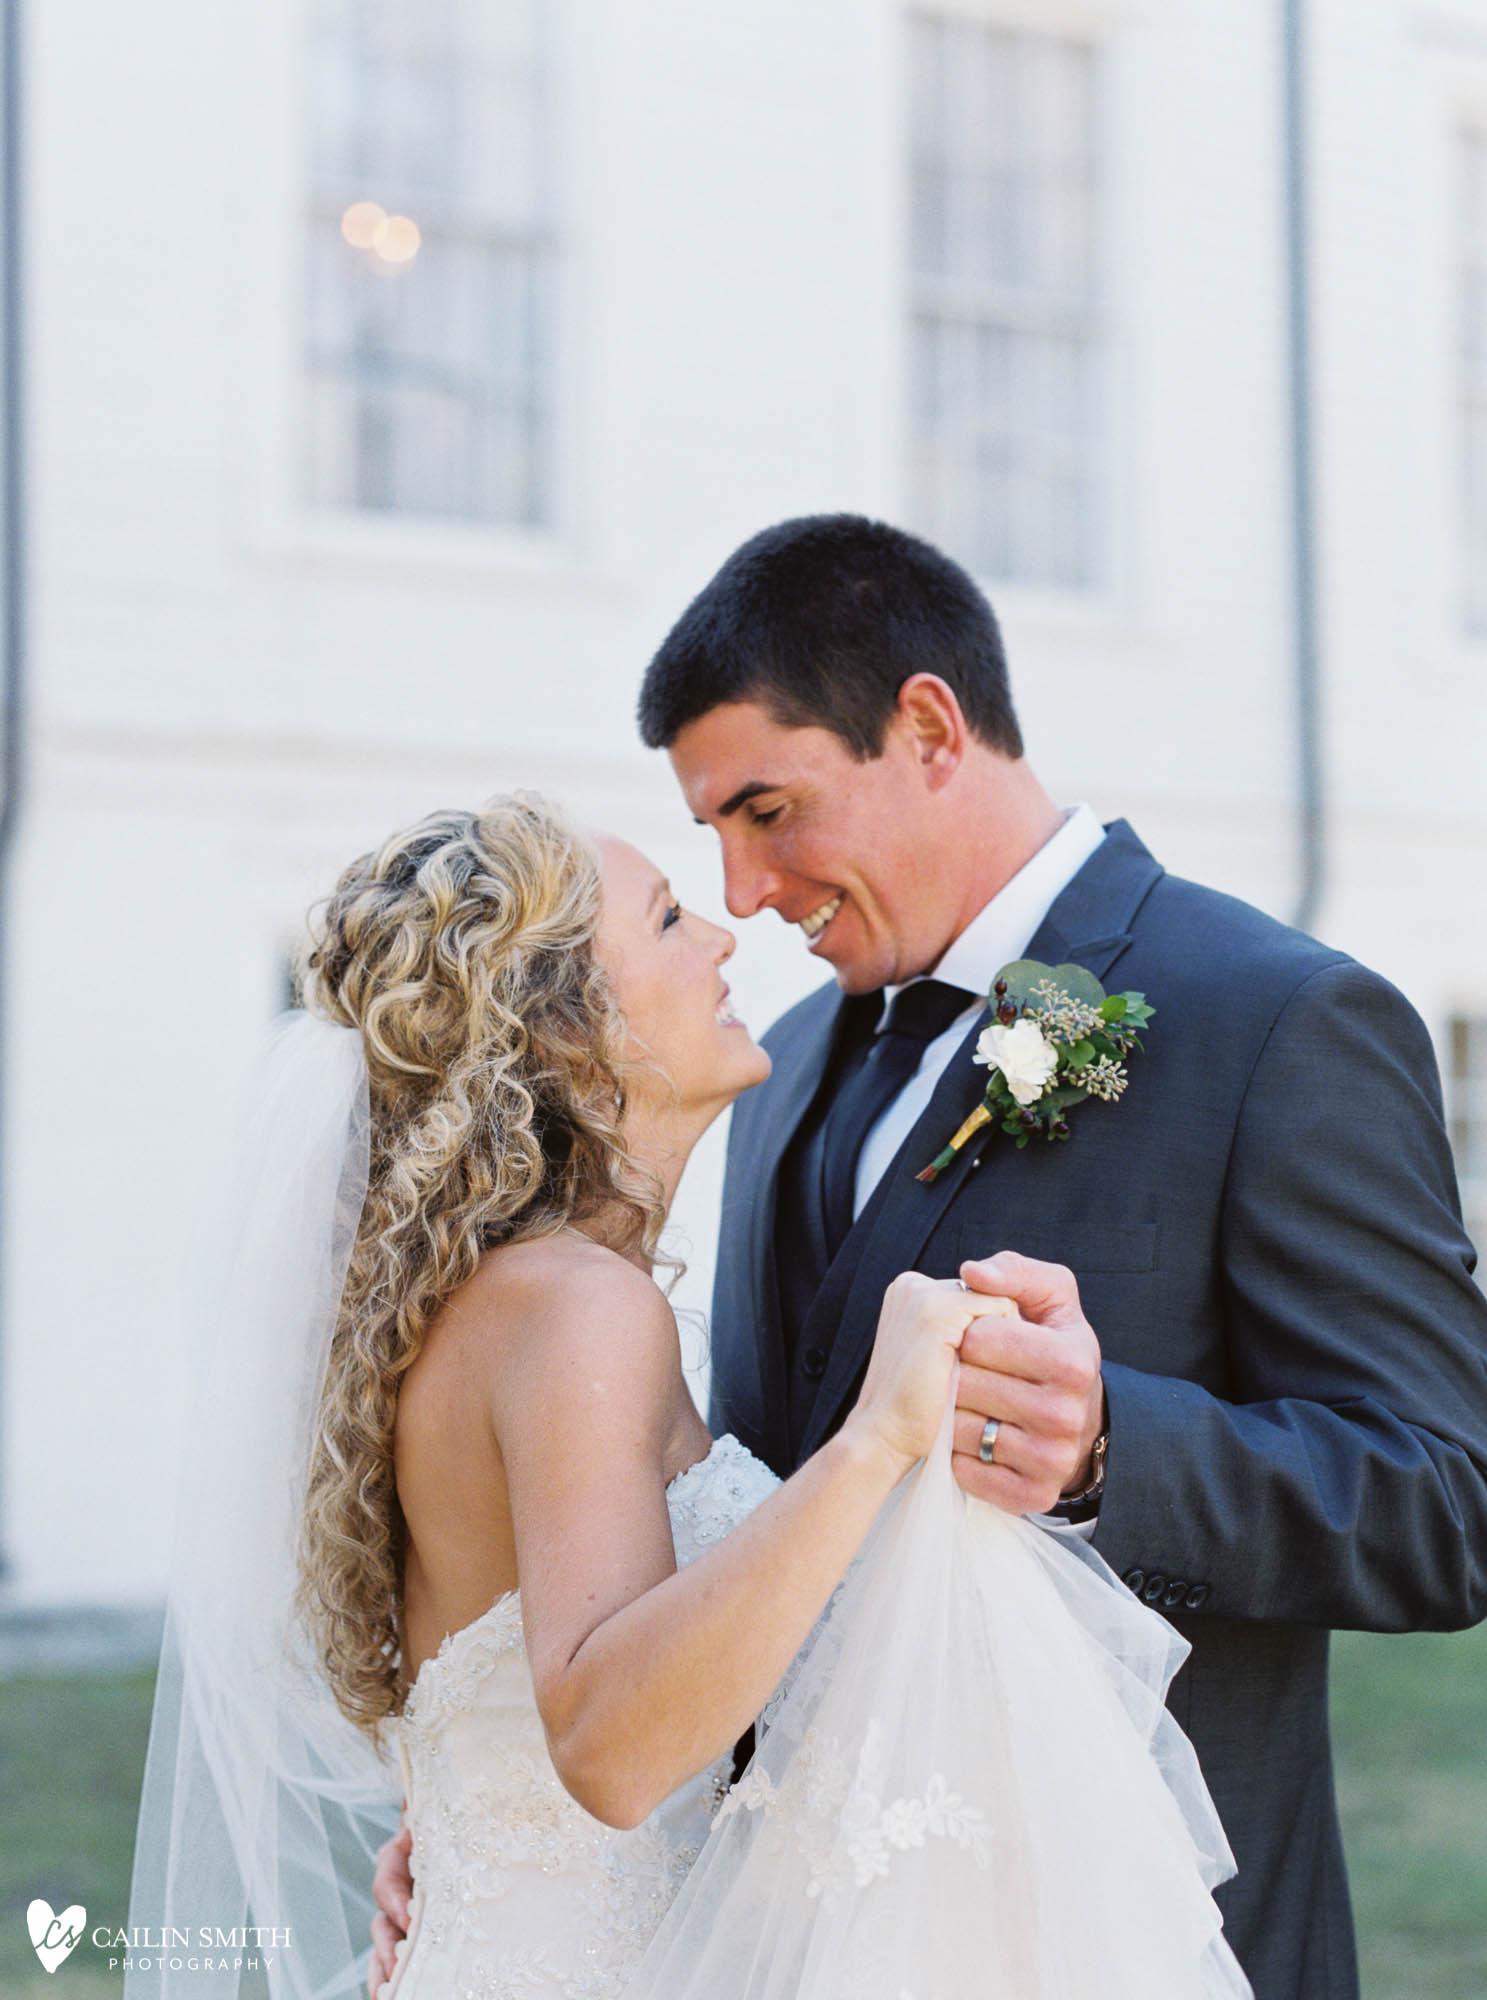 Leah_Major_St_Marys_Wedding_Photography_054.jpg